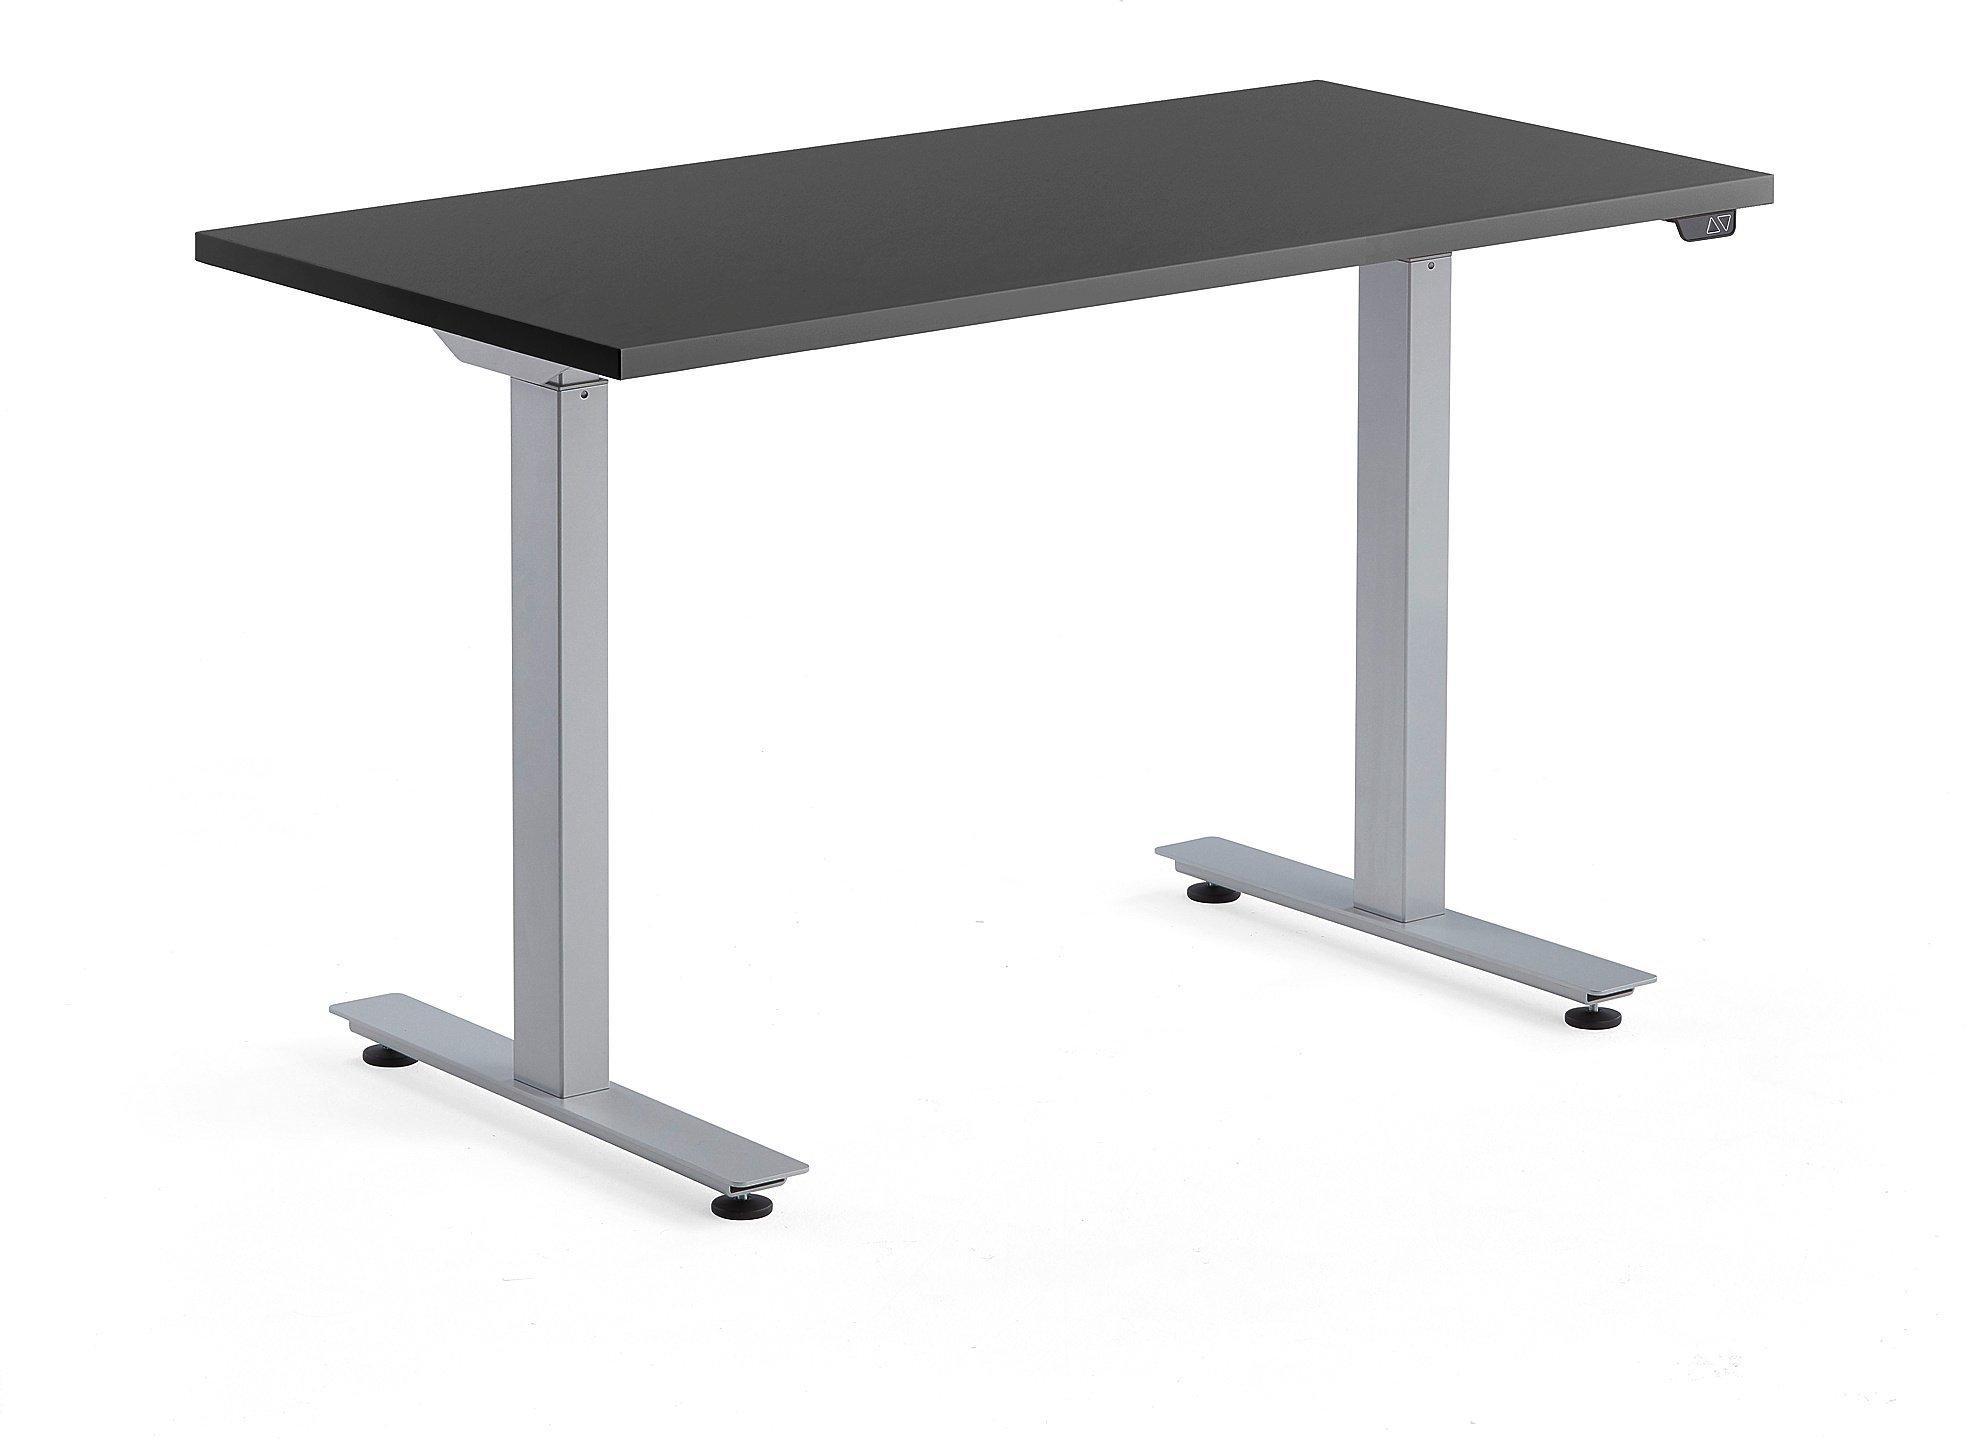 Výškovo nastaviteľný stôl Modulus, 1200x600 mm, strieborná, čierna